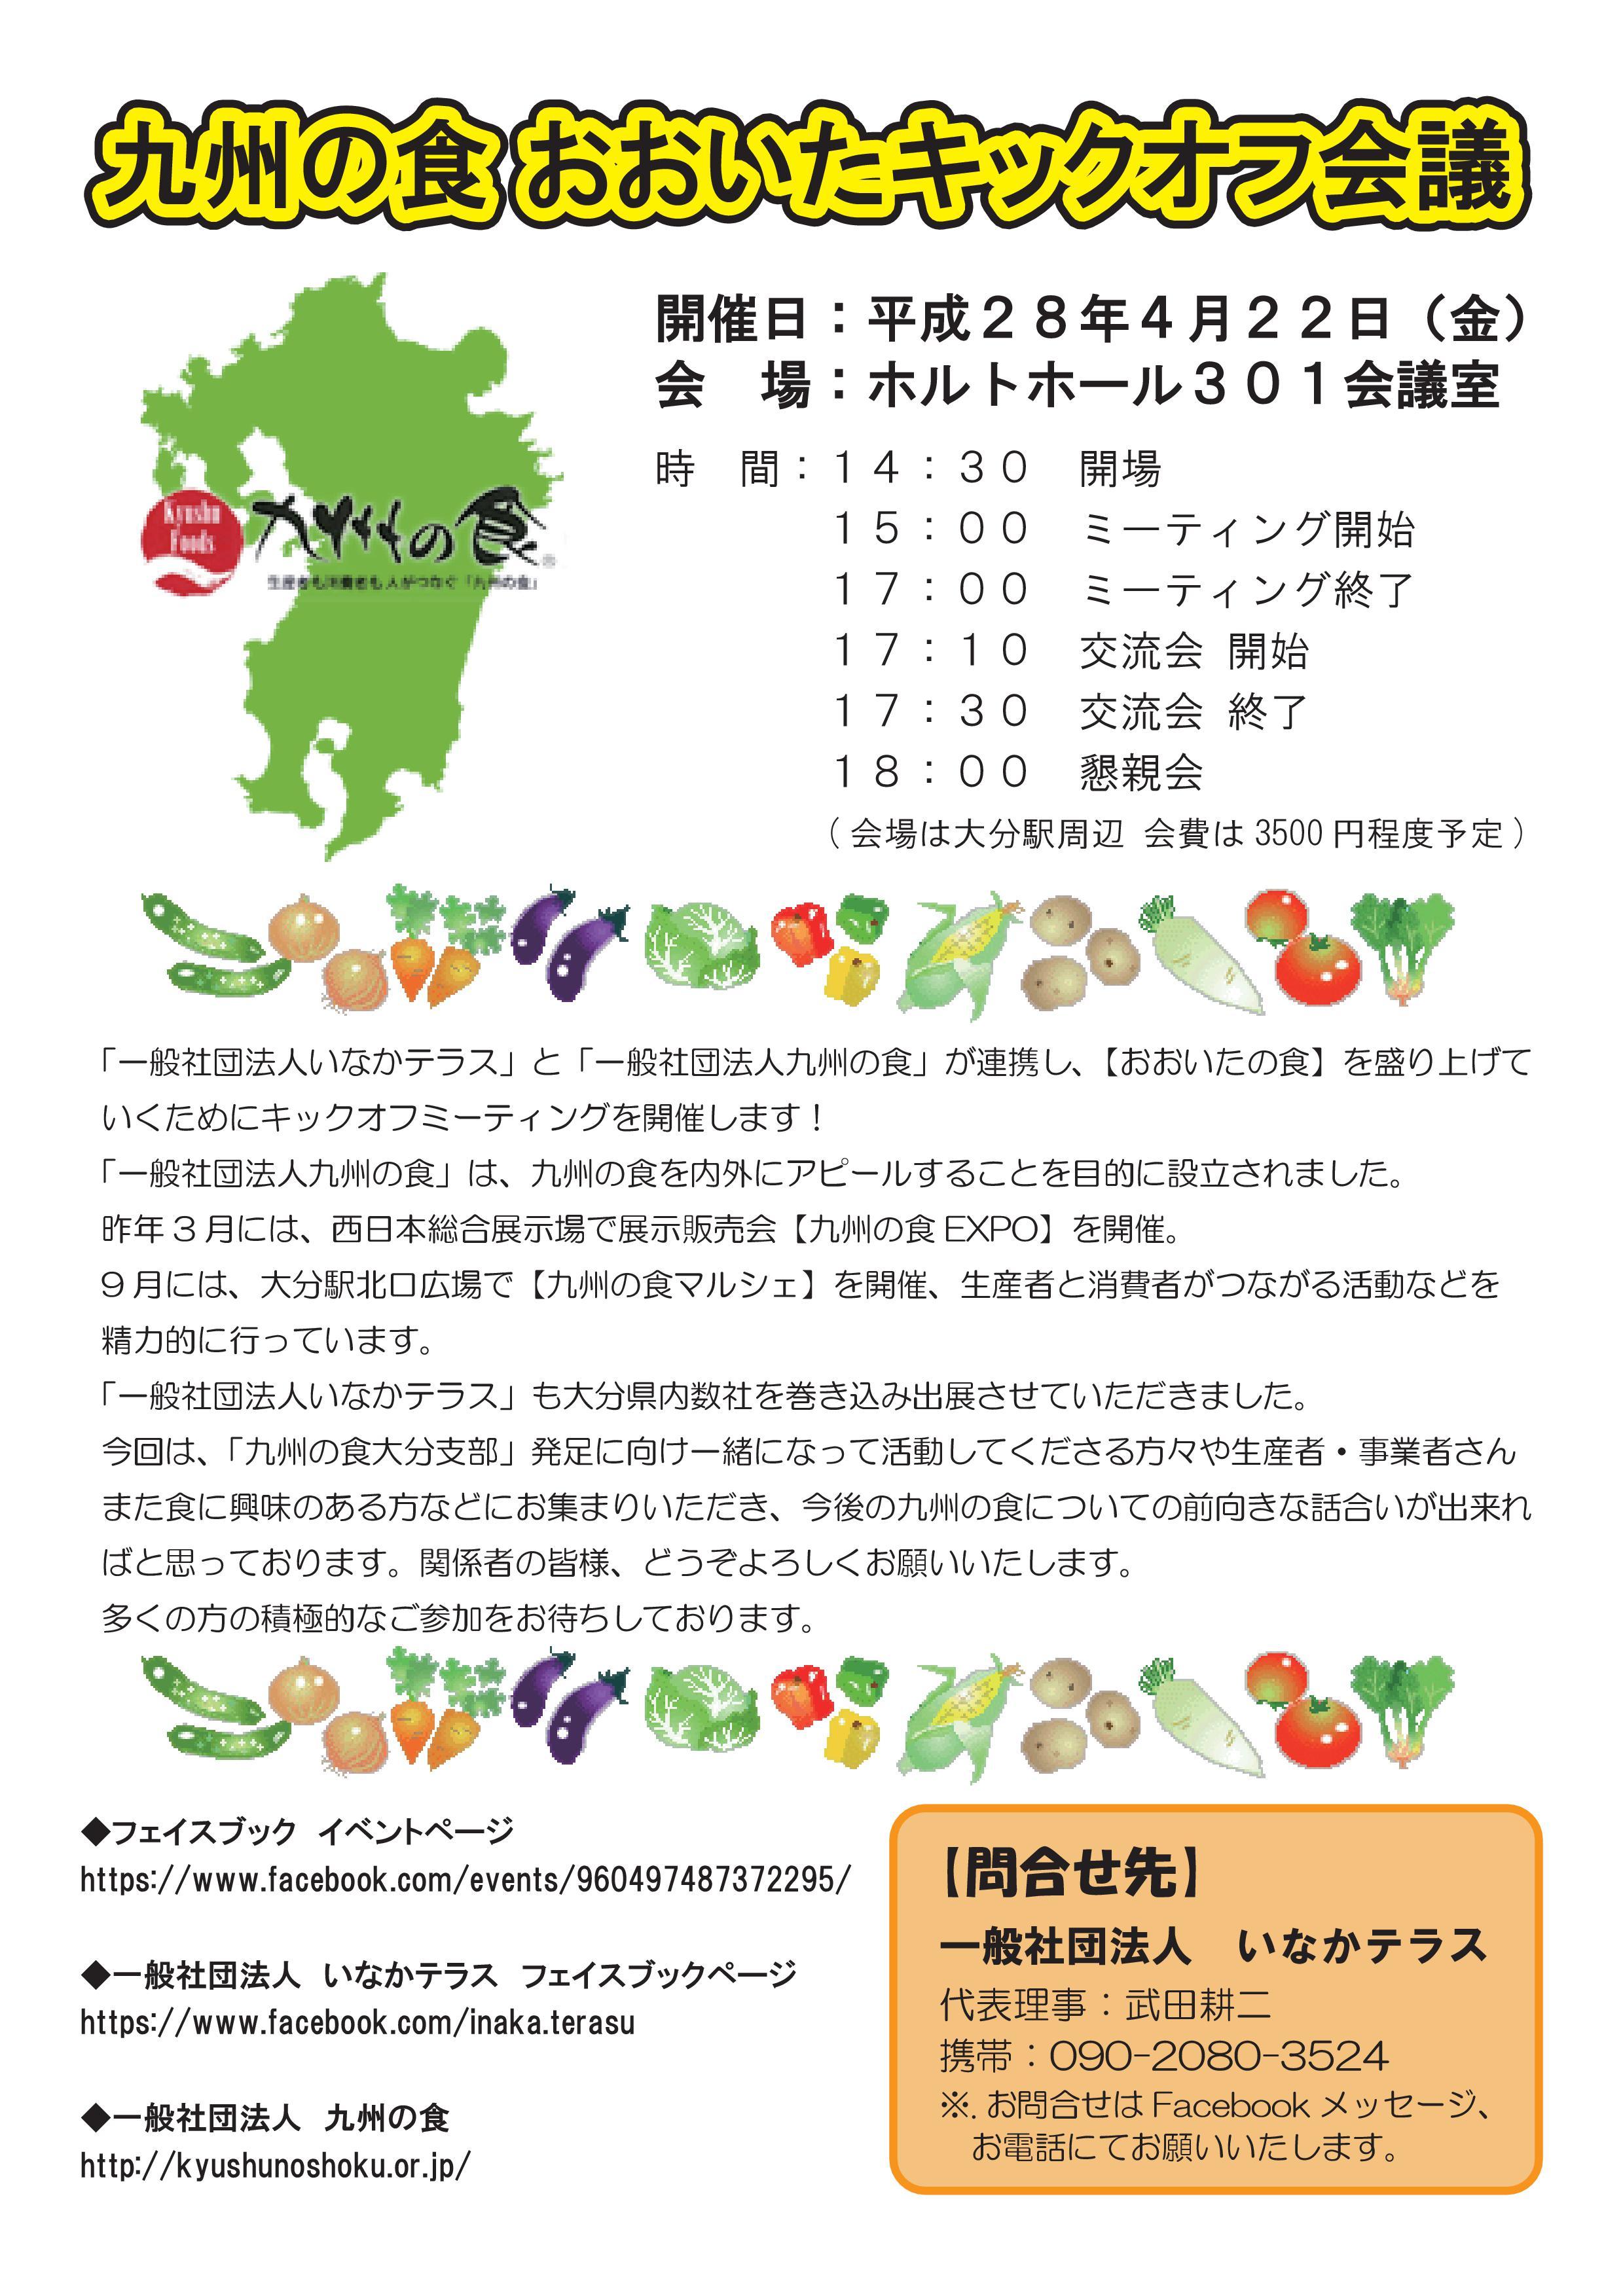 九州の食 おおいたキックオフ会議 チラシ